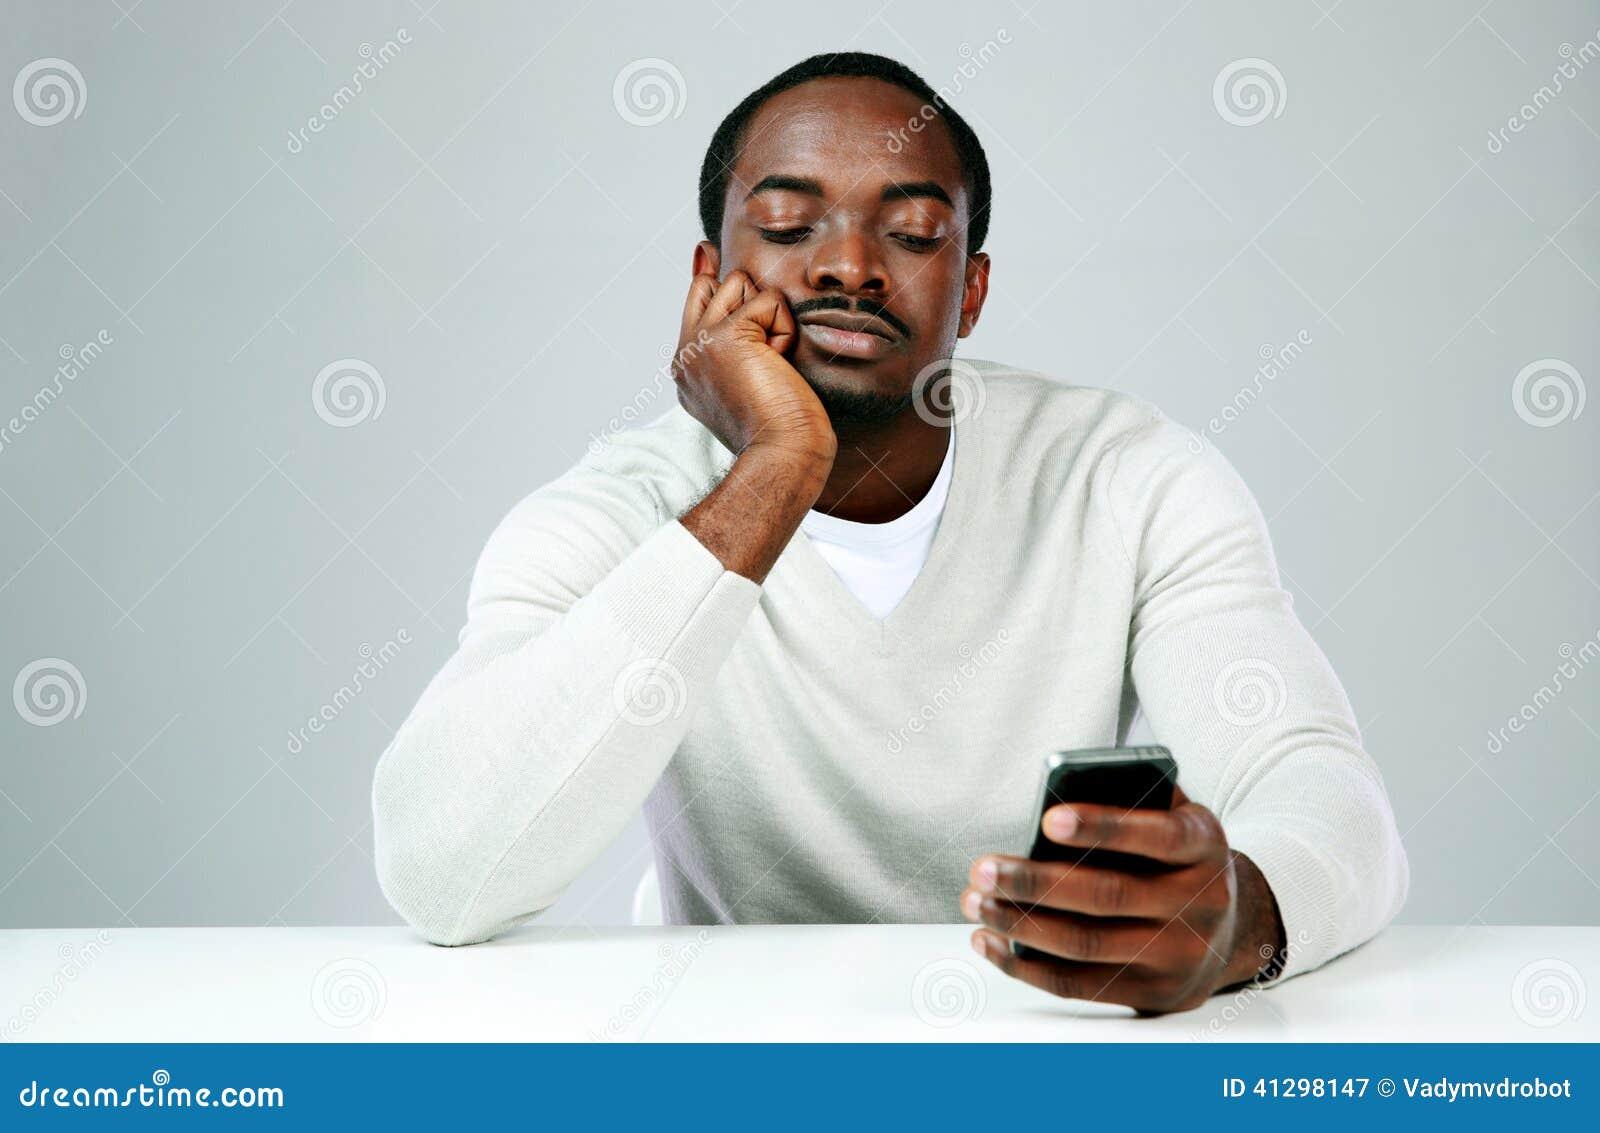 Σκεπτικό αφρικανικό άτομο που χρησιμοποιεί το smartphone